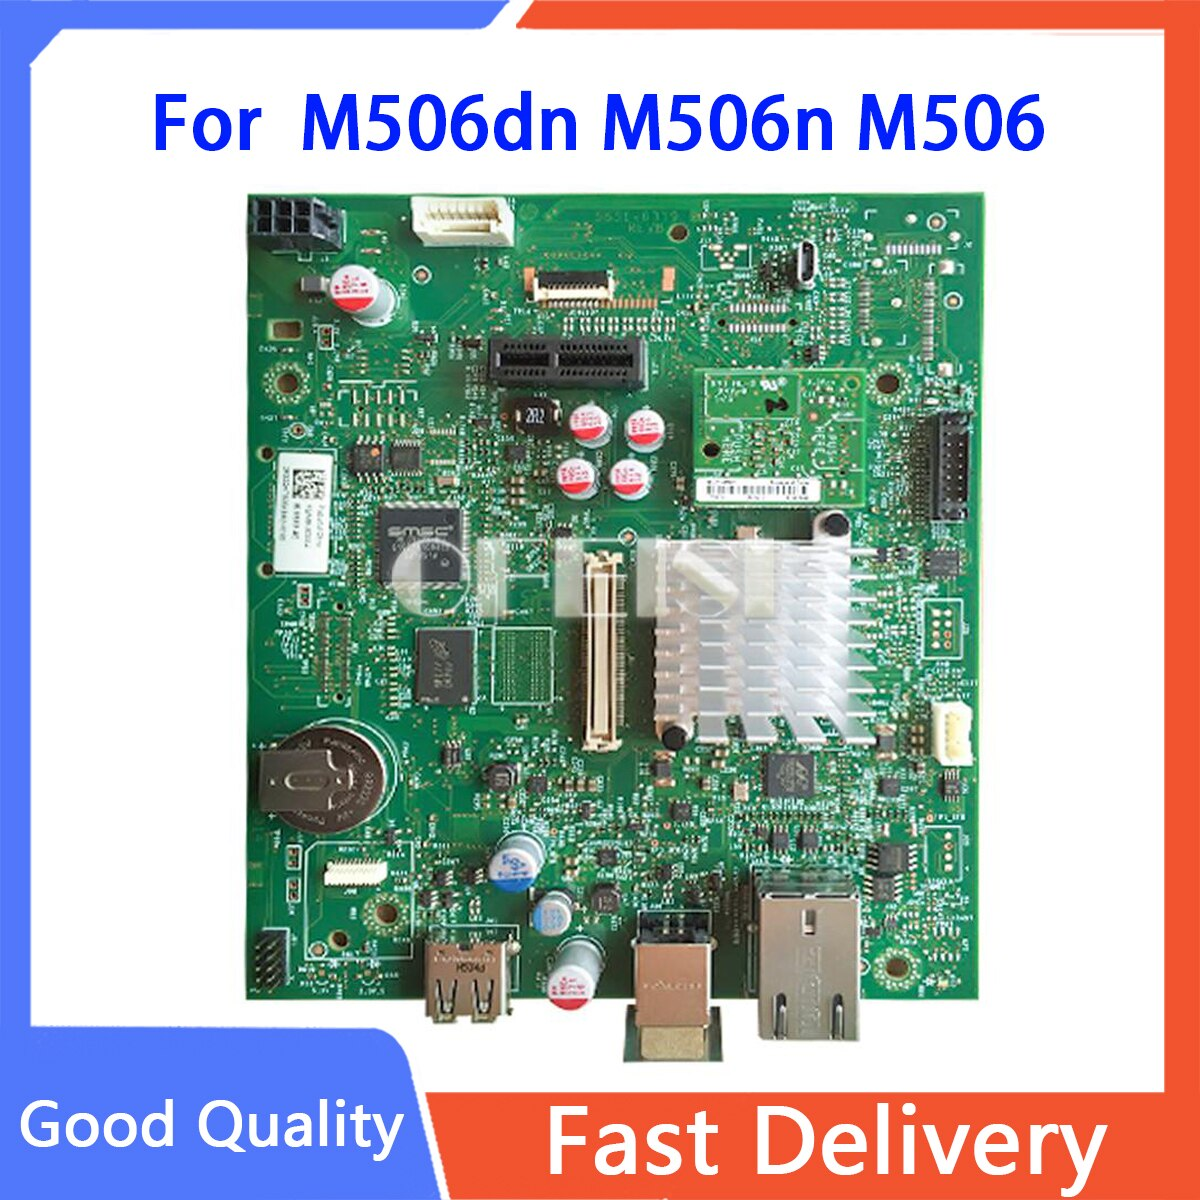 الأصلي F2A68-60004 المنطق اللوحة الرئيسية استخدام ل HP يزر M506dn M506n M506 506dn 506n المنسق مجلس في أجزاء الطابعة على بيع